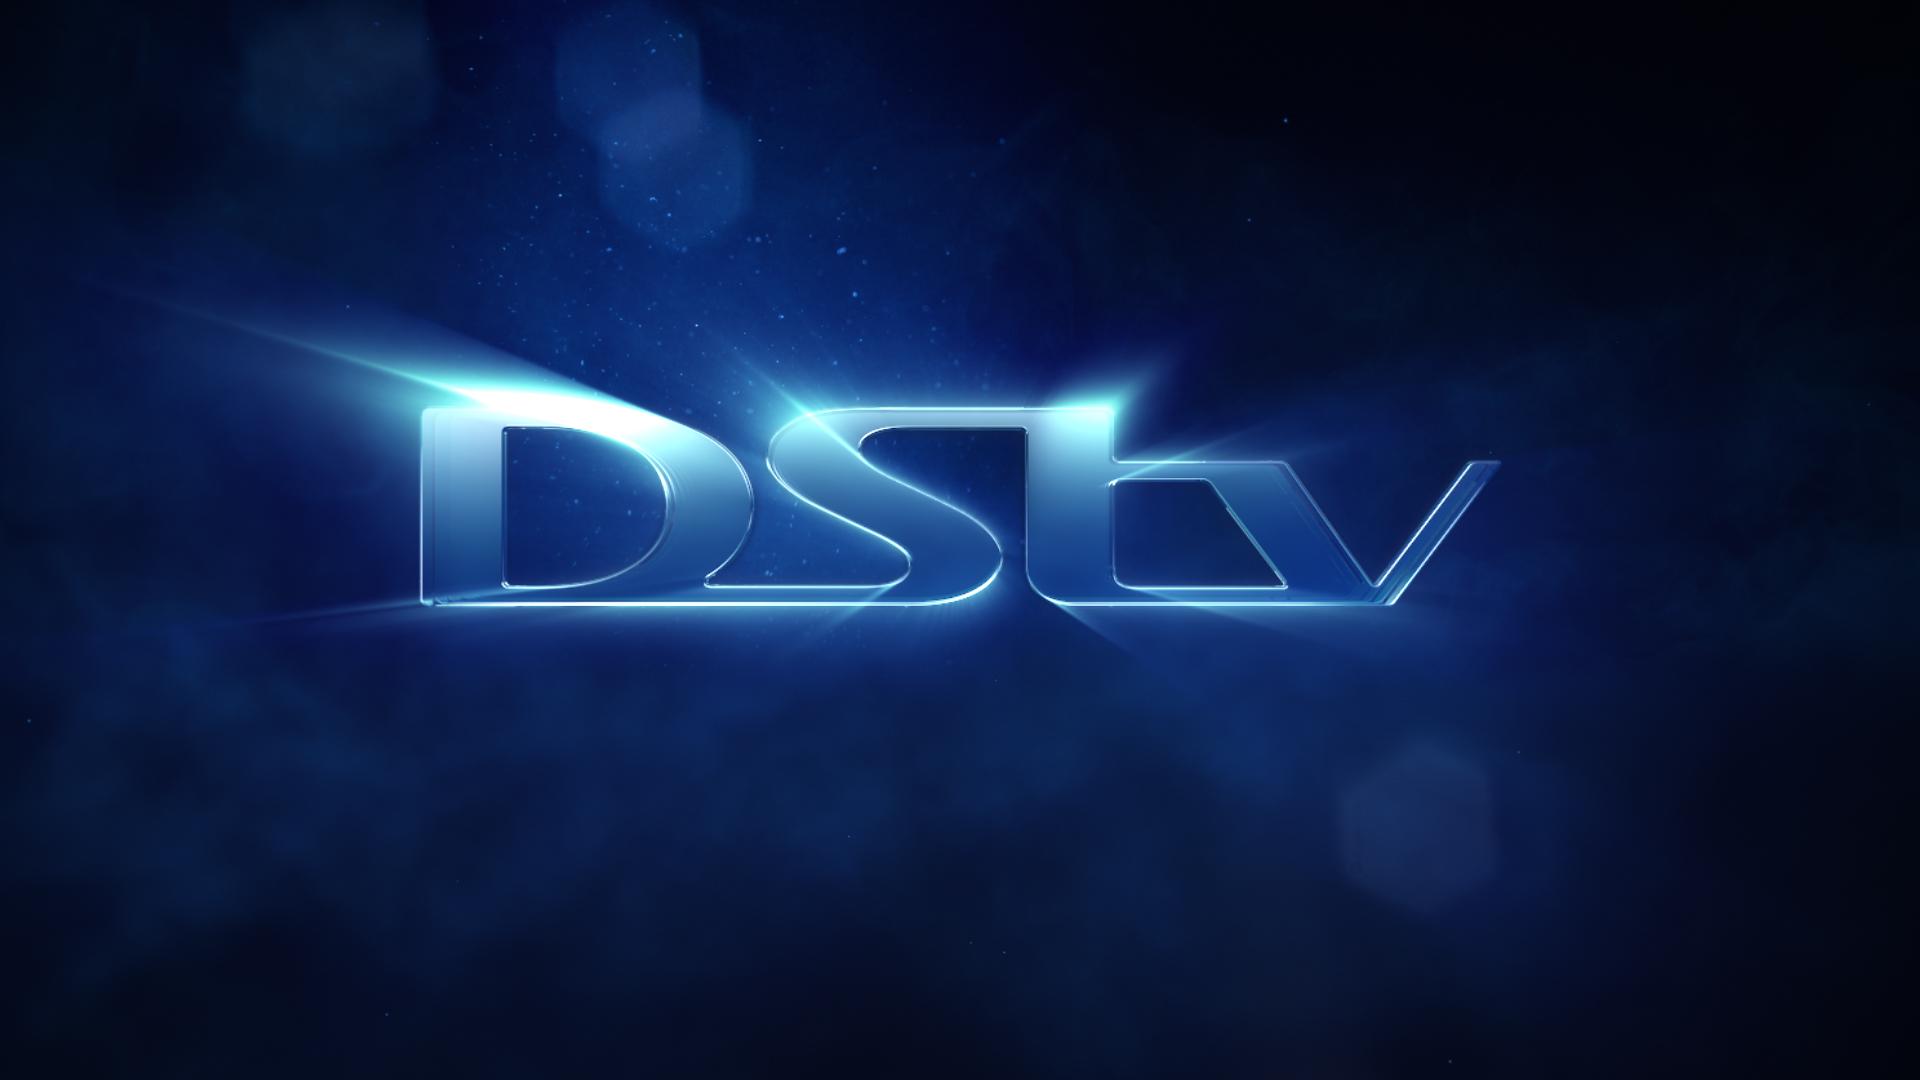 DSTV PREROLL